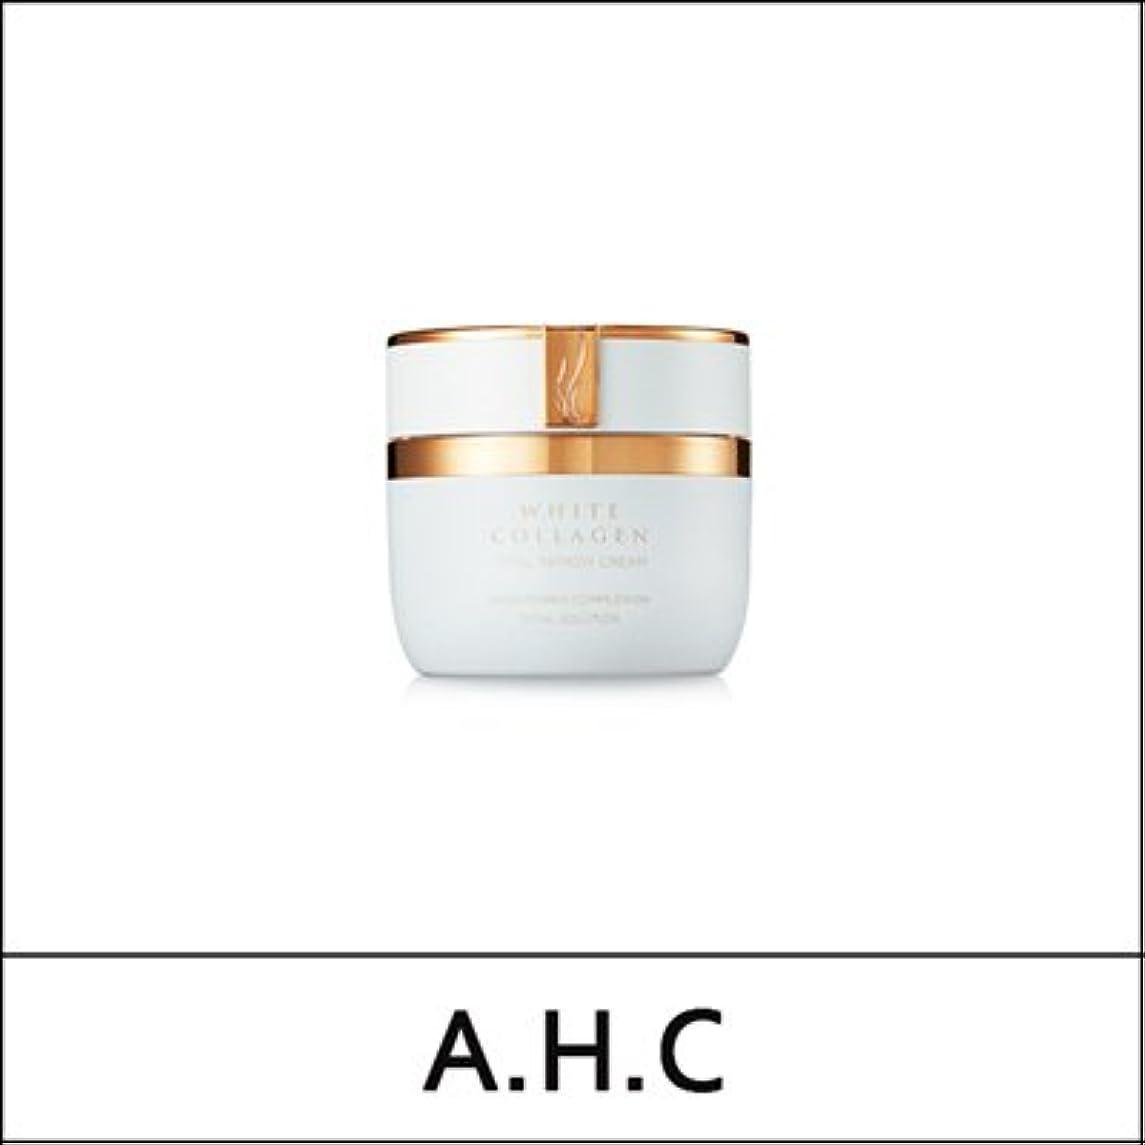 受け入れた薄める大人A.H.C (AHC) White Collagen Total Remedy Cream 50g/A.H.C ホワイト コラーゲン トータル レミディ クリーム 50g [並行輸入品]